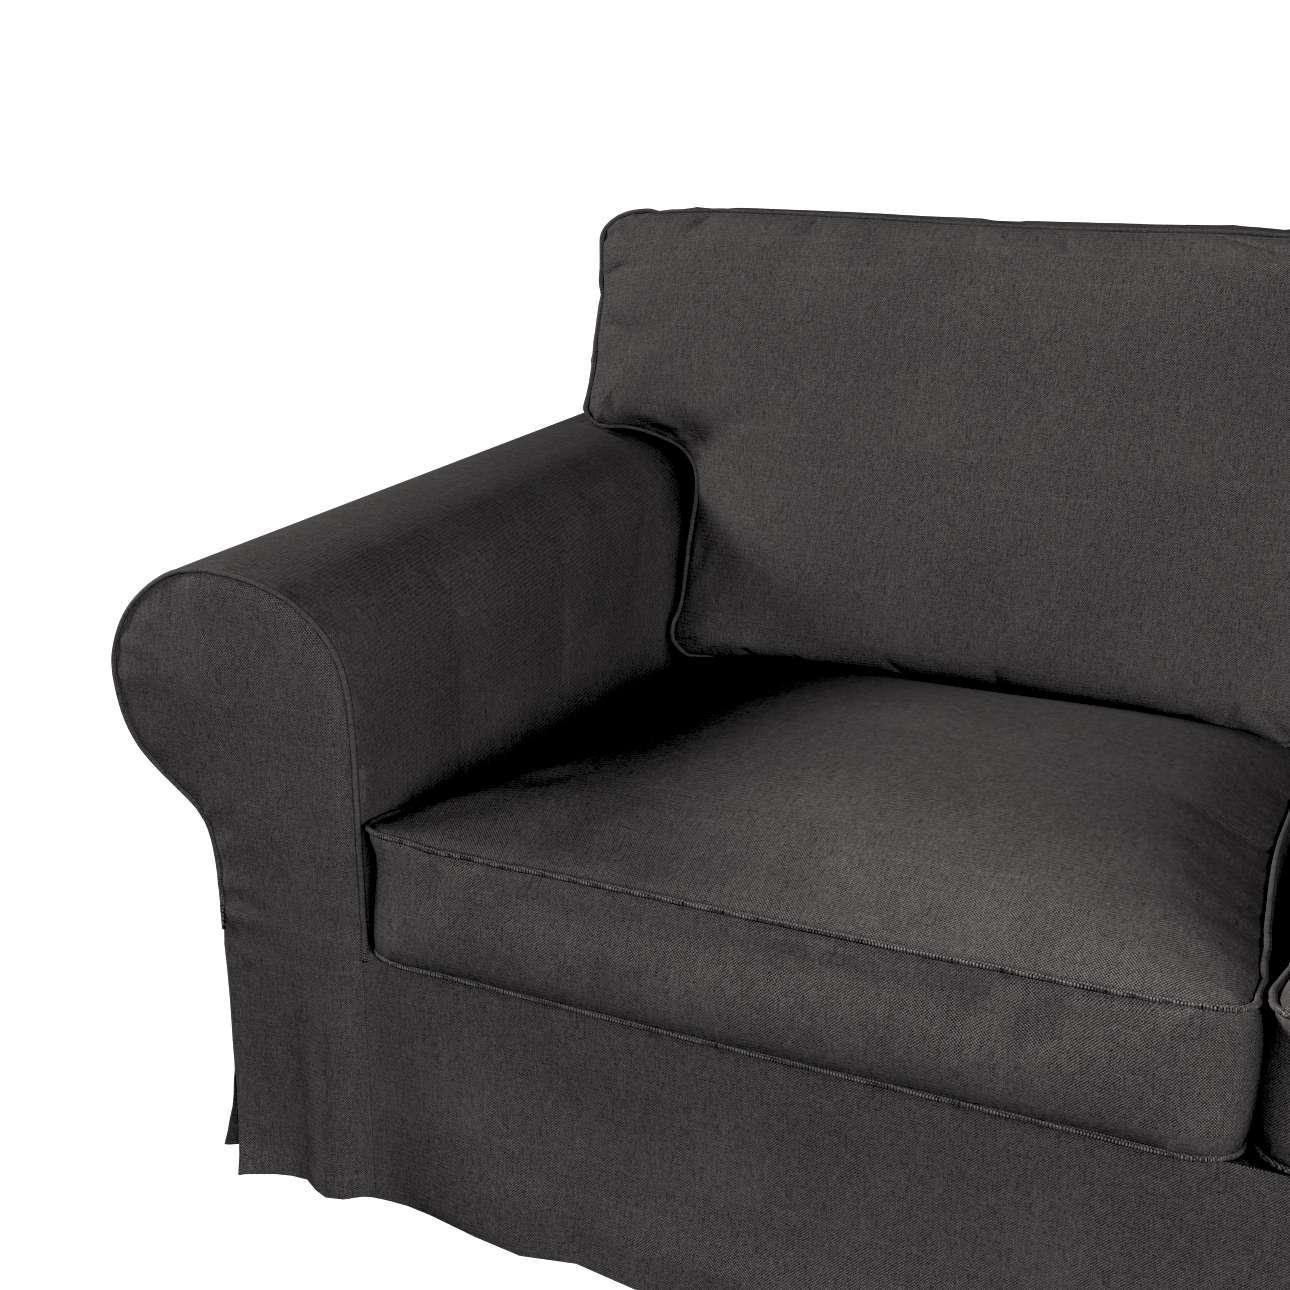 Pokrowiec na sofę Ektorp 2-osobową i leżankę w kolekcji Etna, tkanina: 705-35